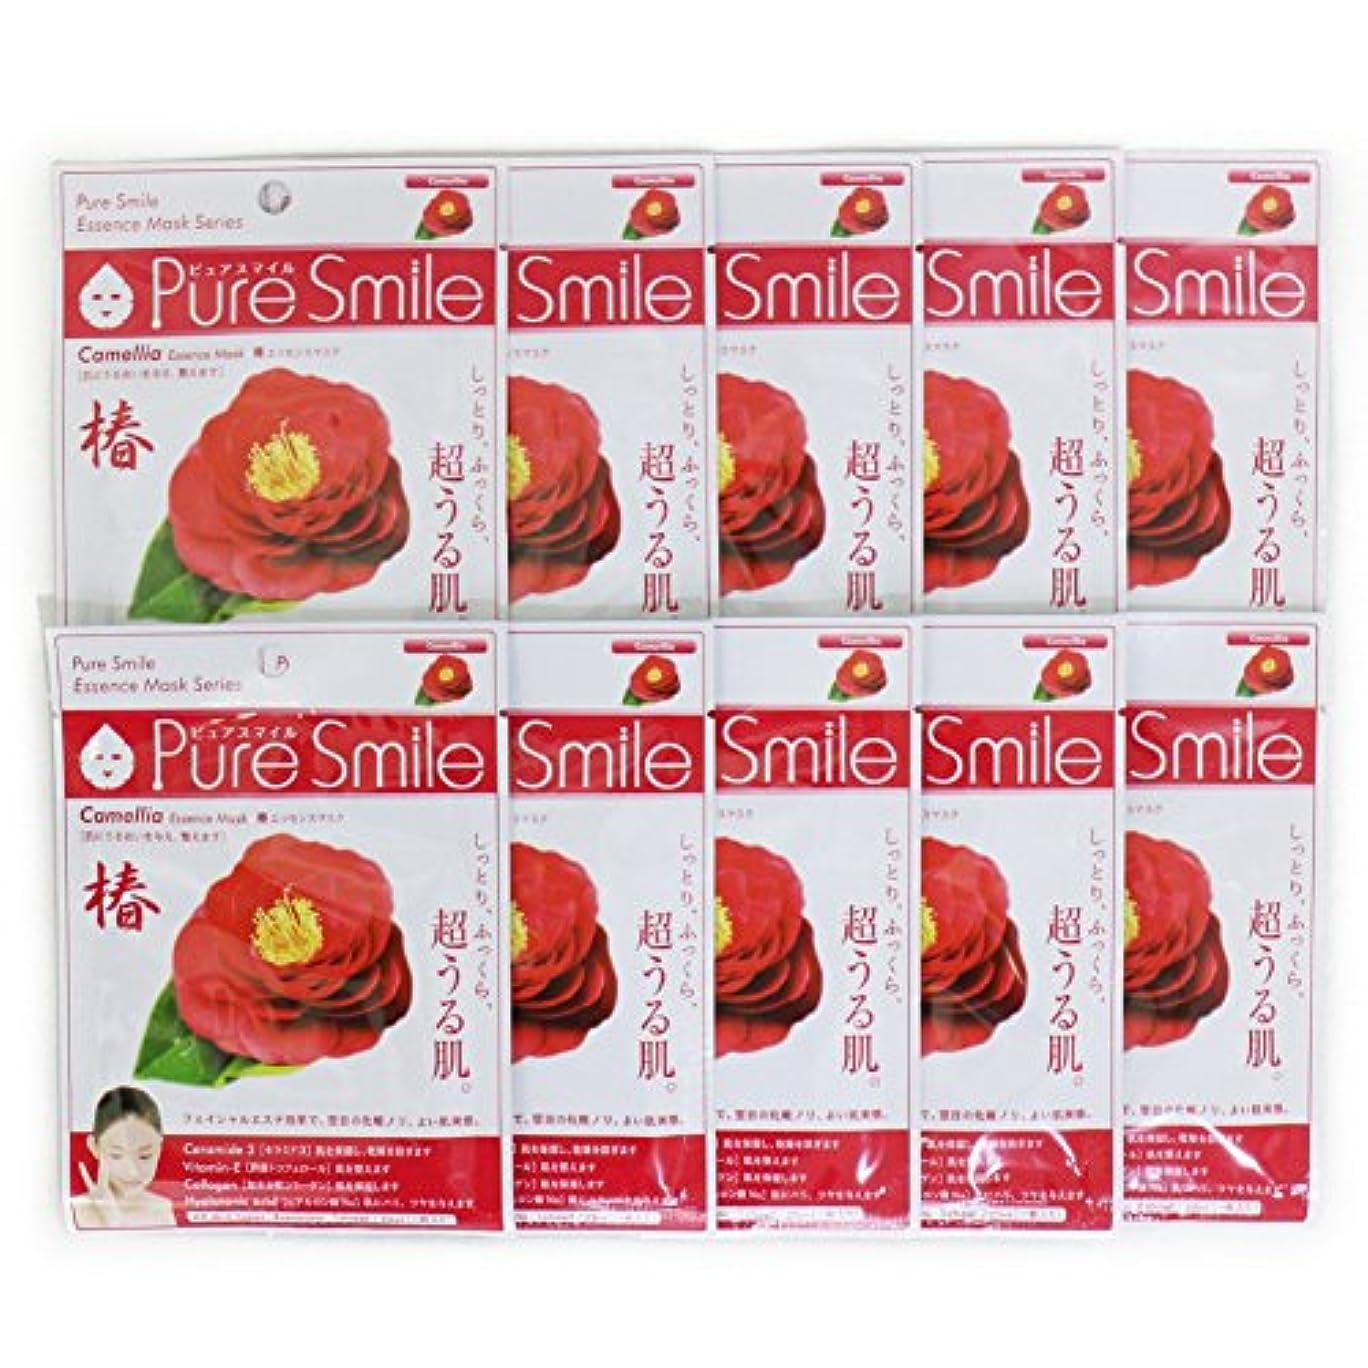 皮現像診療所Pure Smile ピュアスマイル エッセンスマスク 椿 10枚セット